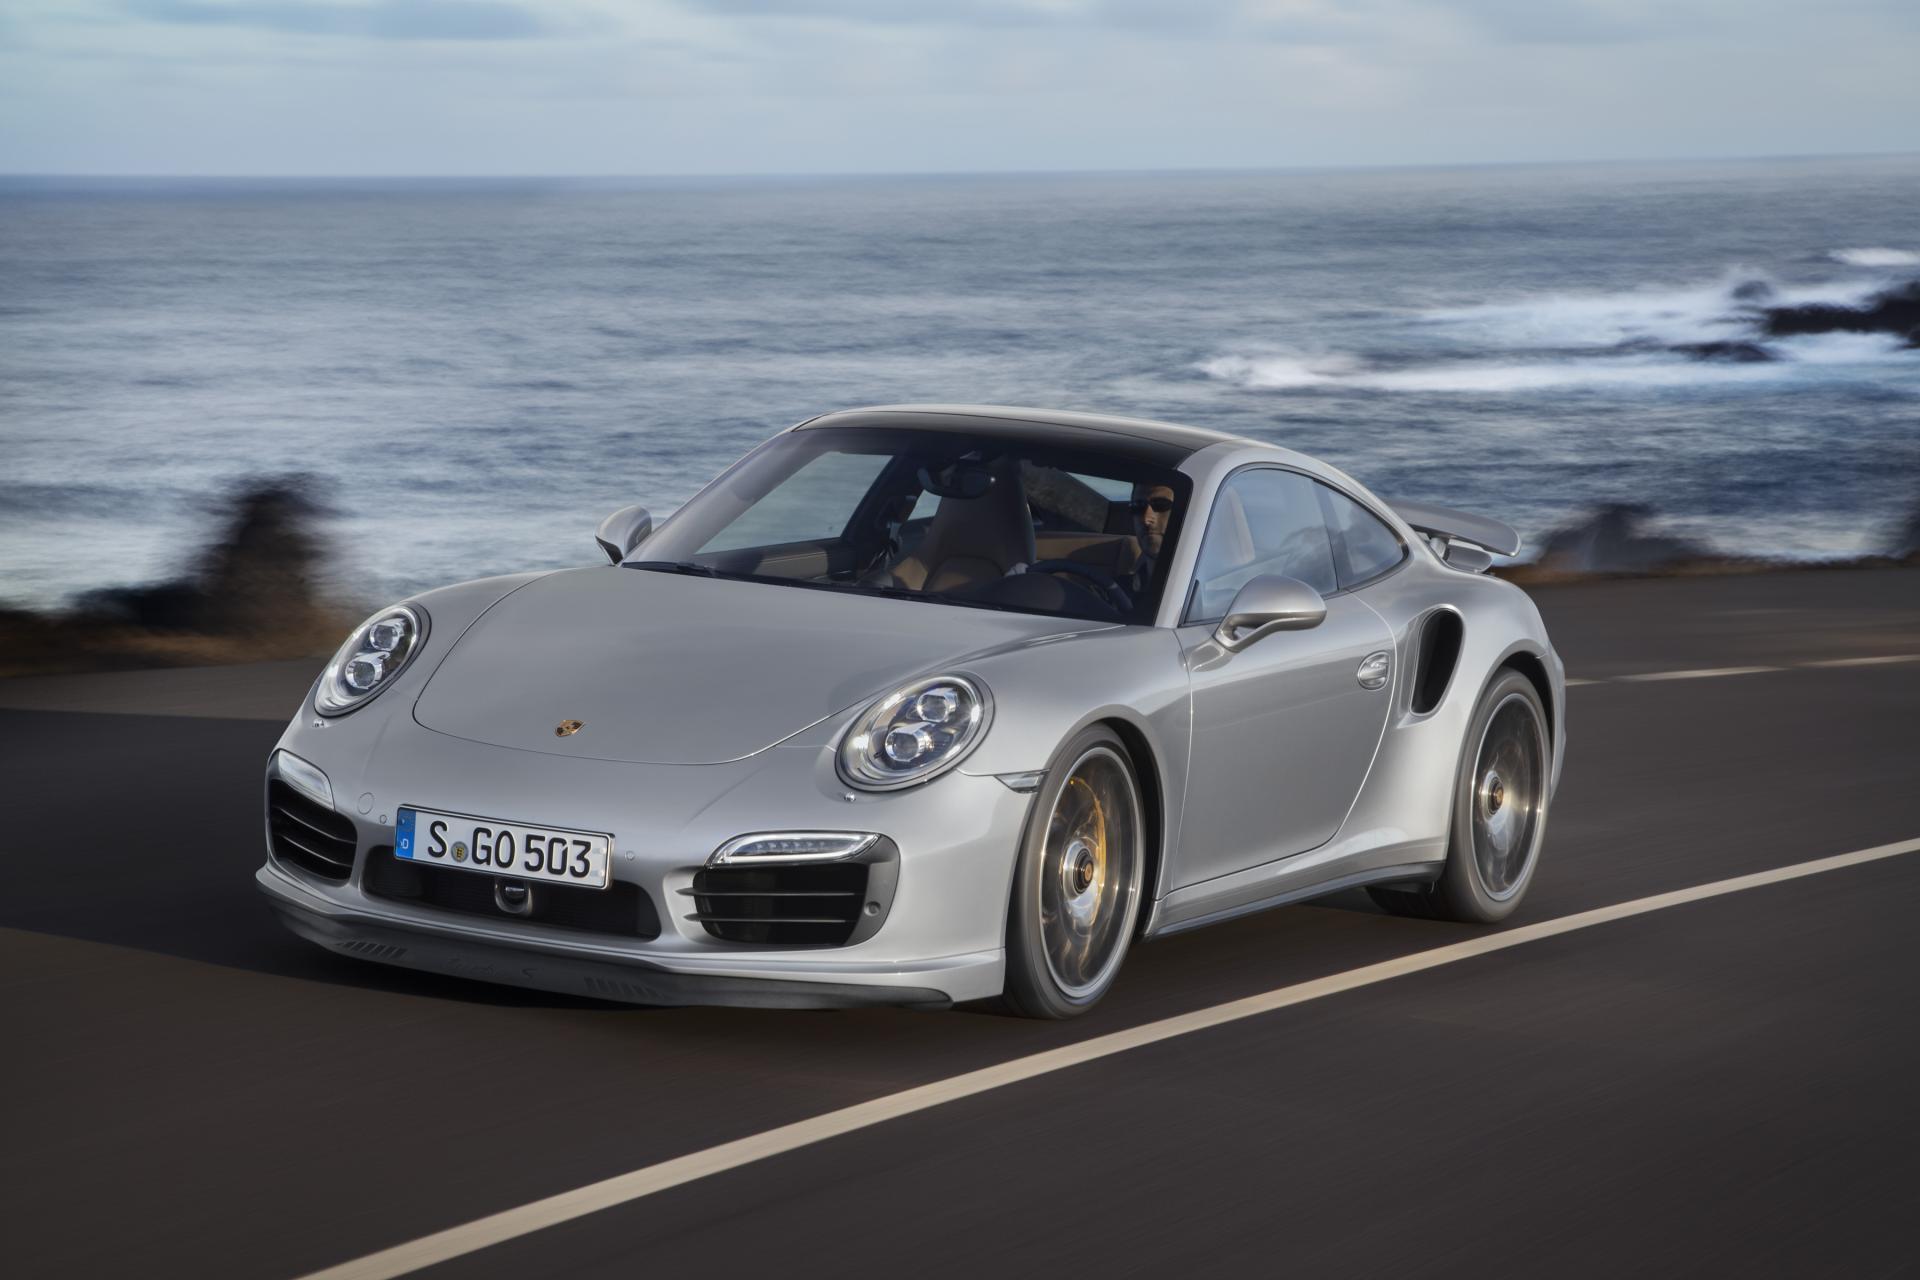 Porsche-911-Turbo-S_Coupe-2014-Image-01 Terrific 2002 Porsche 911 Carrera Turbo Gt2 X50 Cars Trend